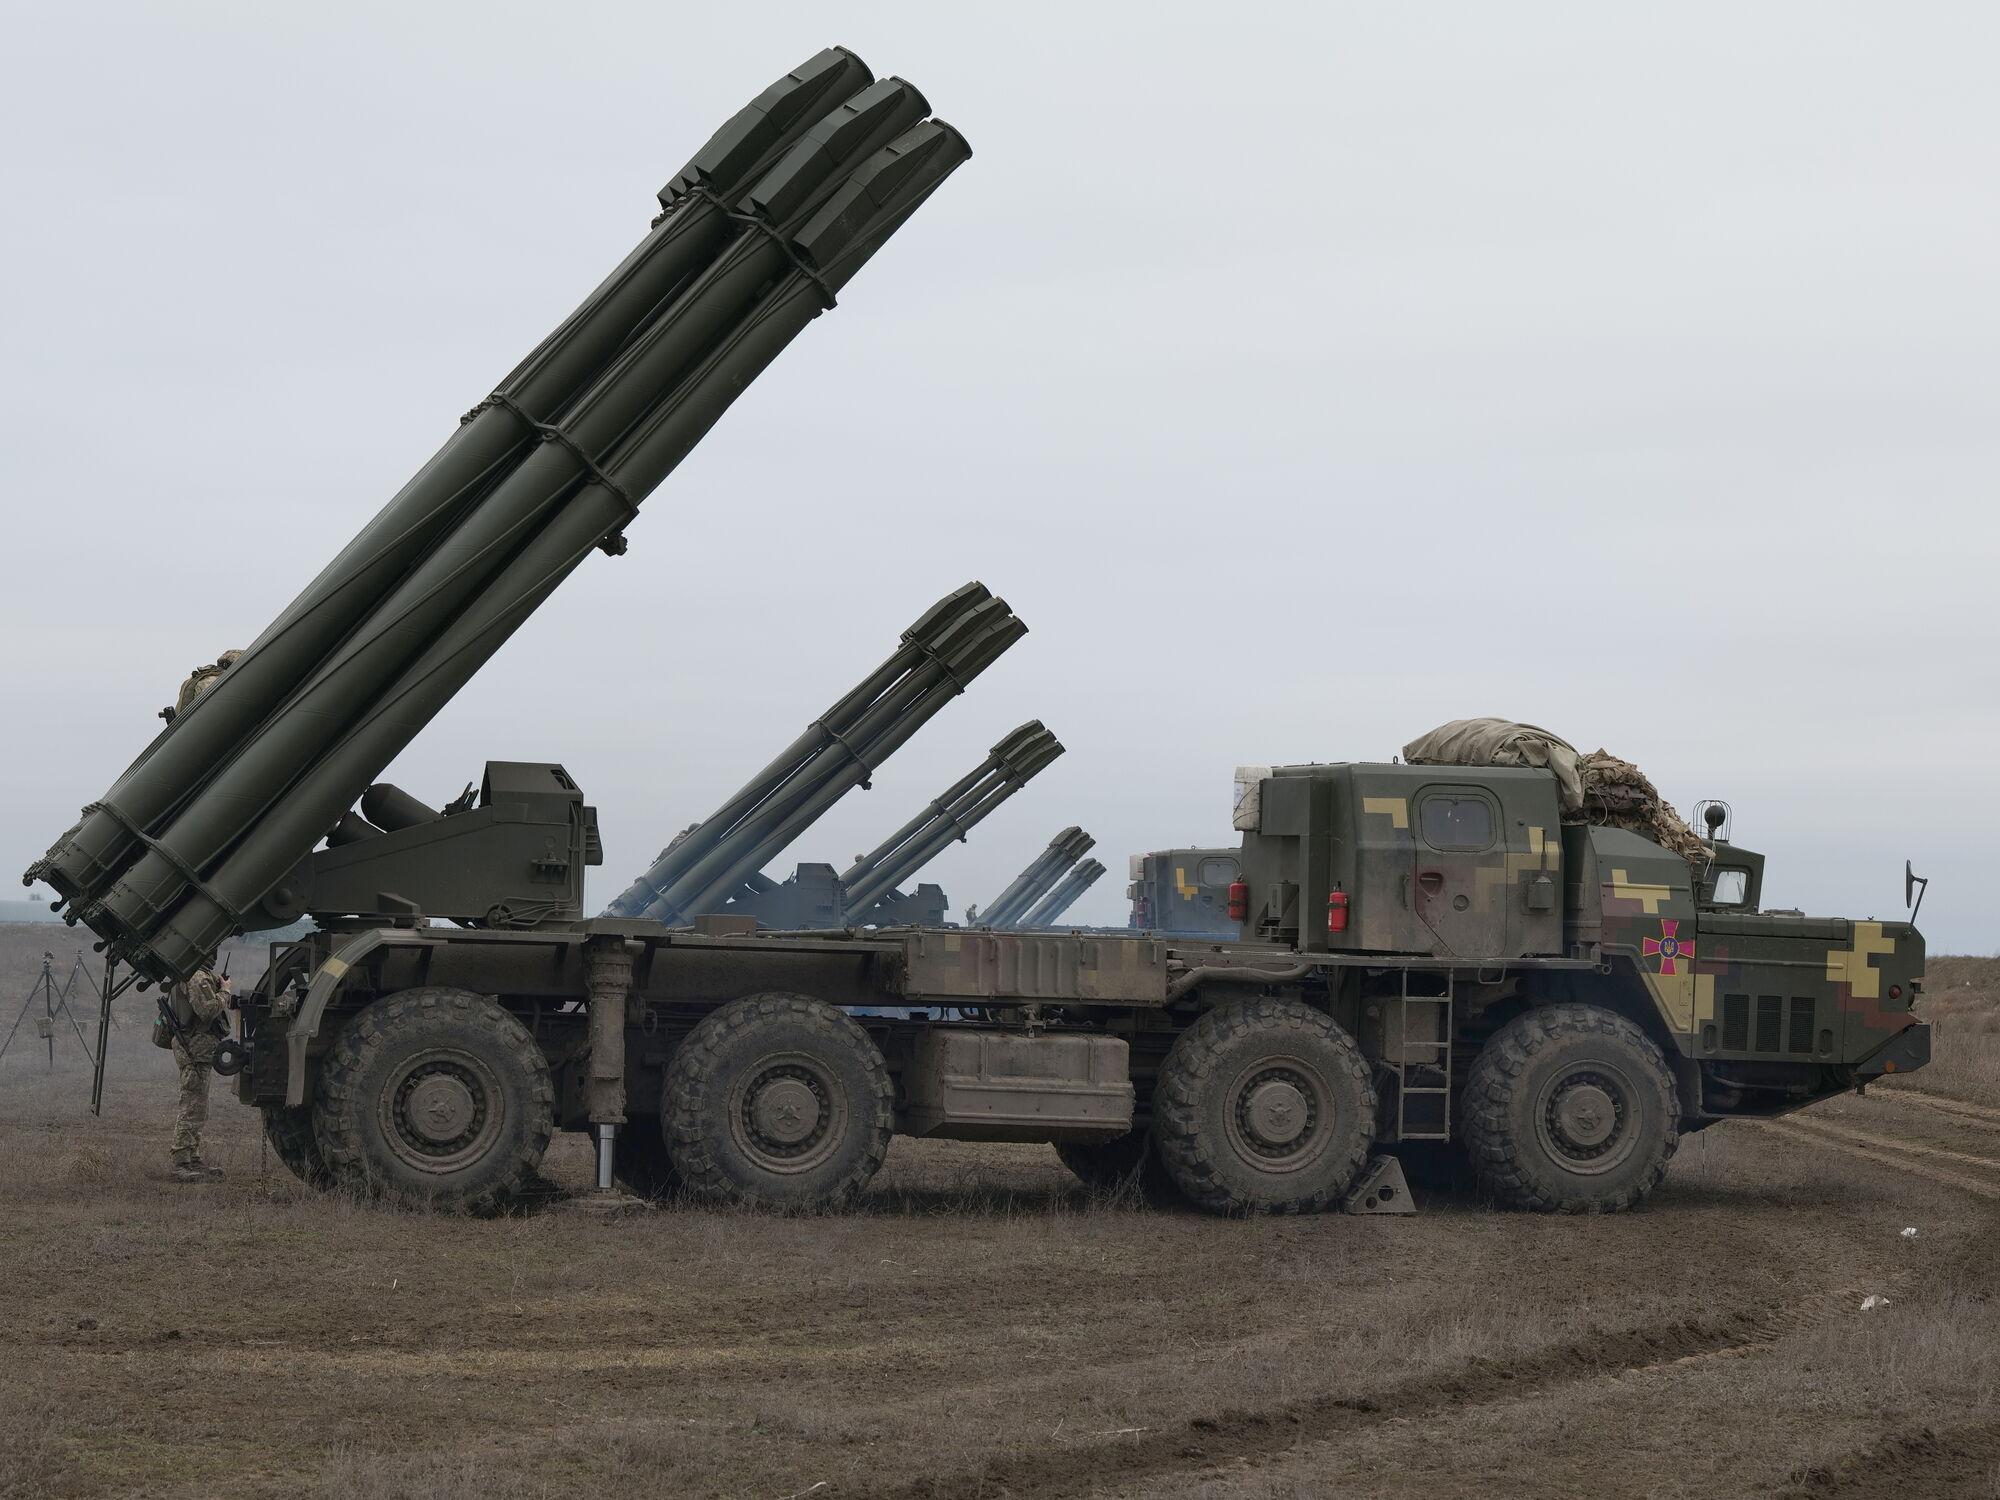 Воїни-артилеристи ЗСУ моніторили повітряну обстановку